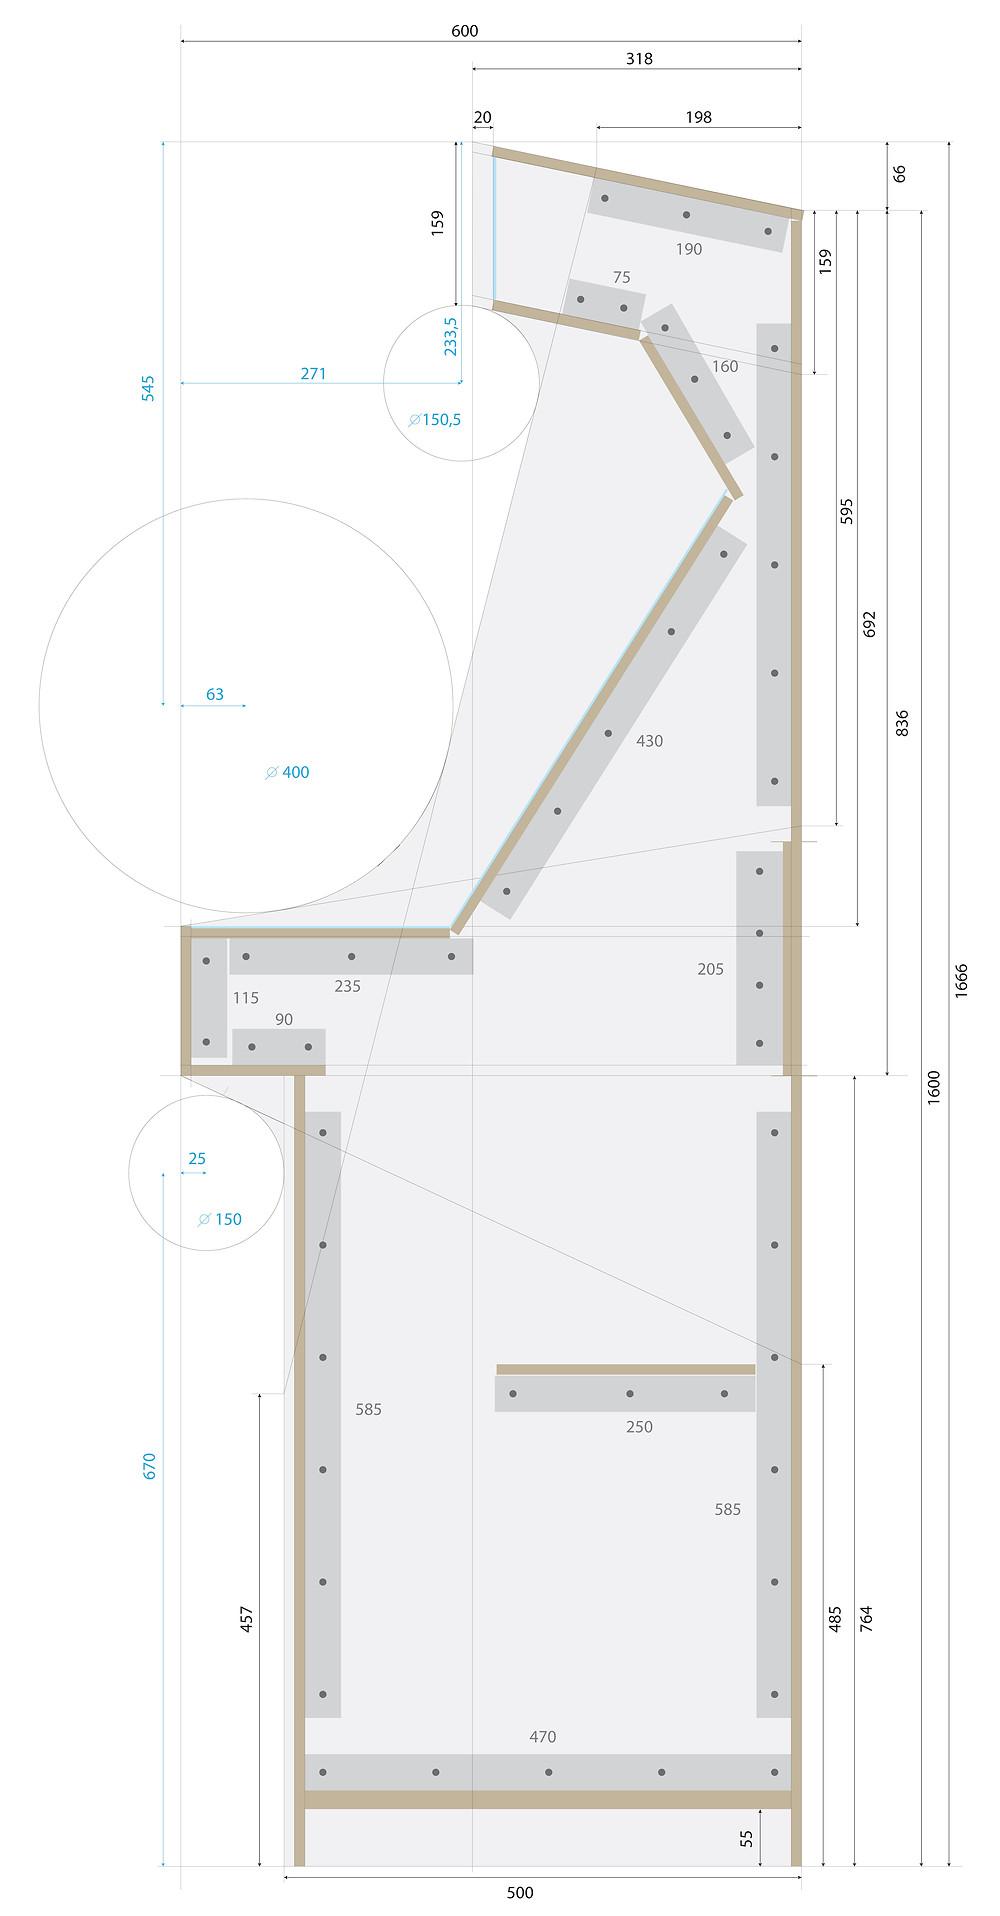 schéma plan pour construction borne d'arcade